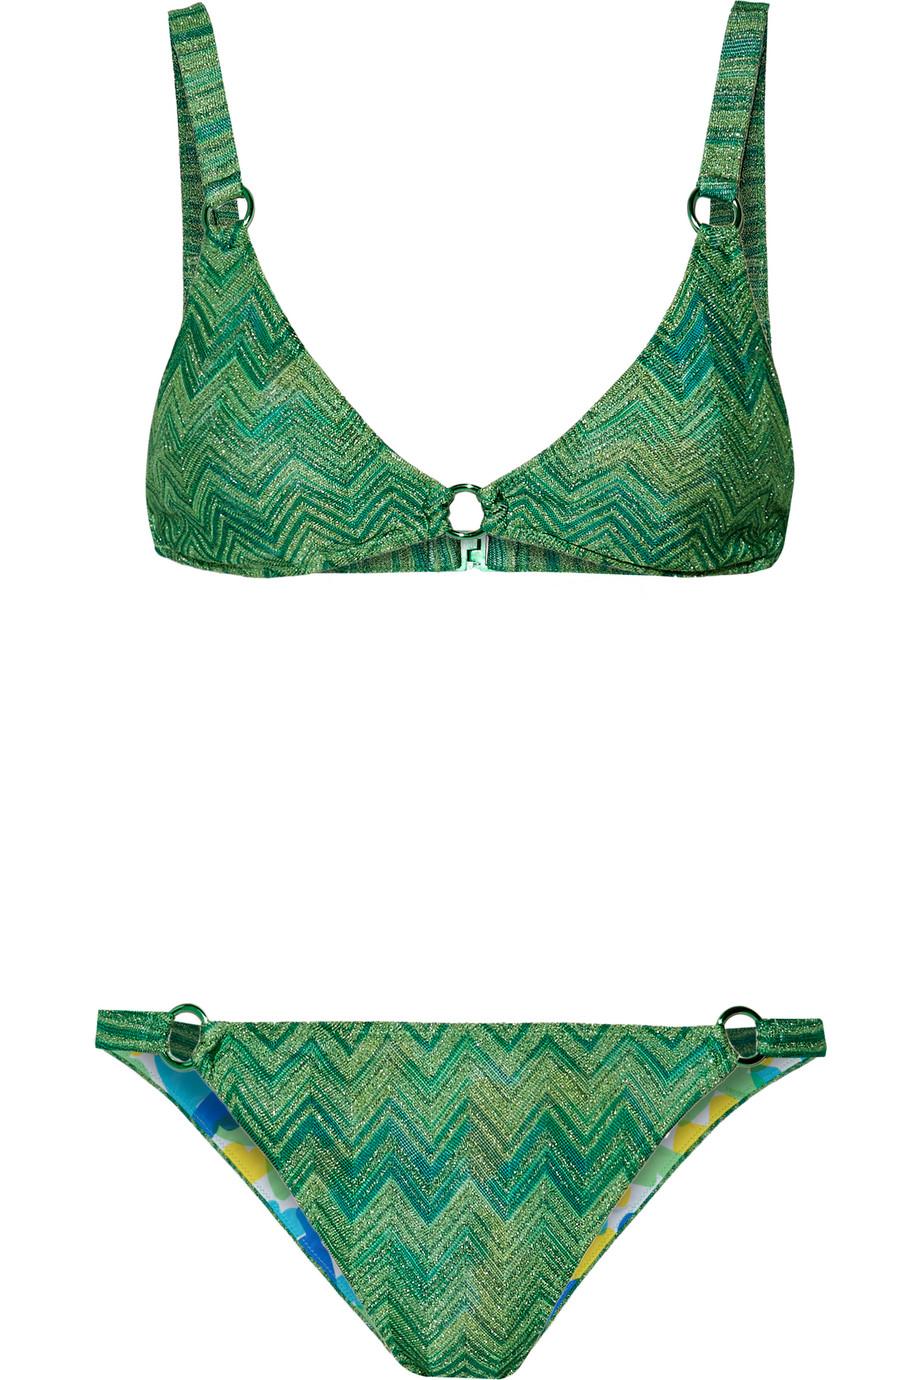 Missoni Mare Reversible Crochet-Knit Triangle Bikini, Bright Green, Women's, Size: 48